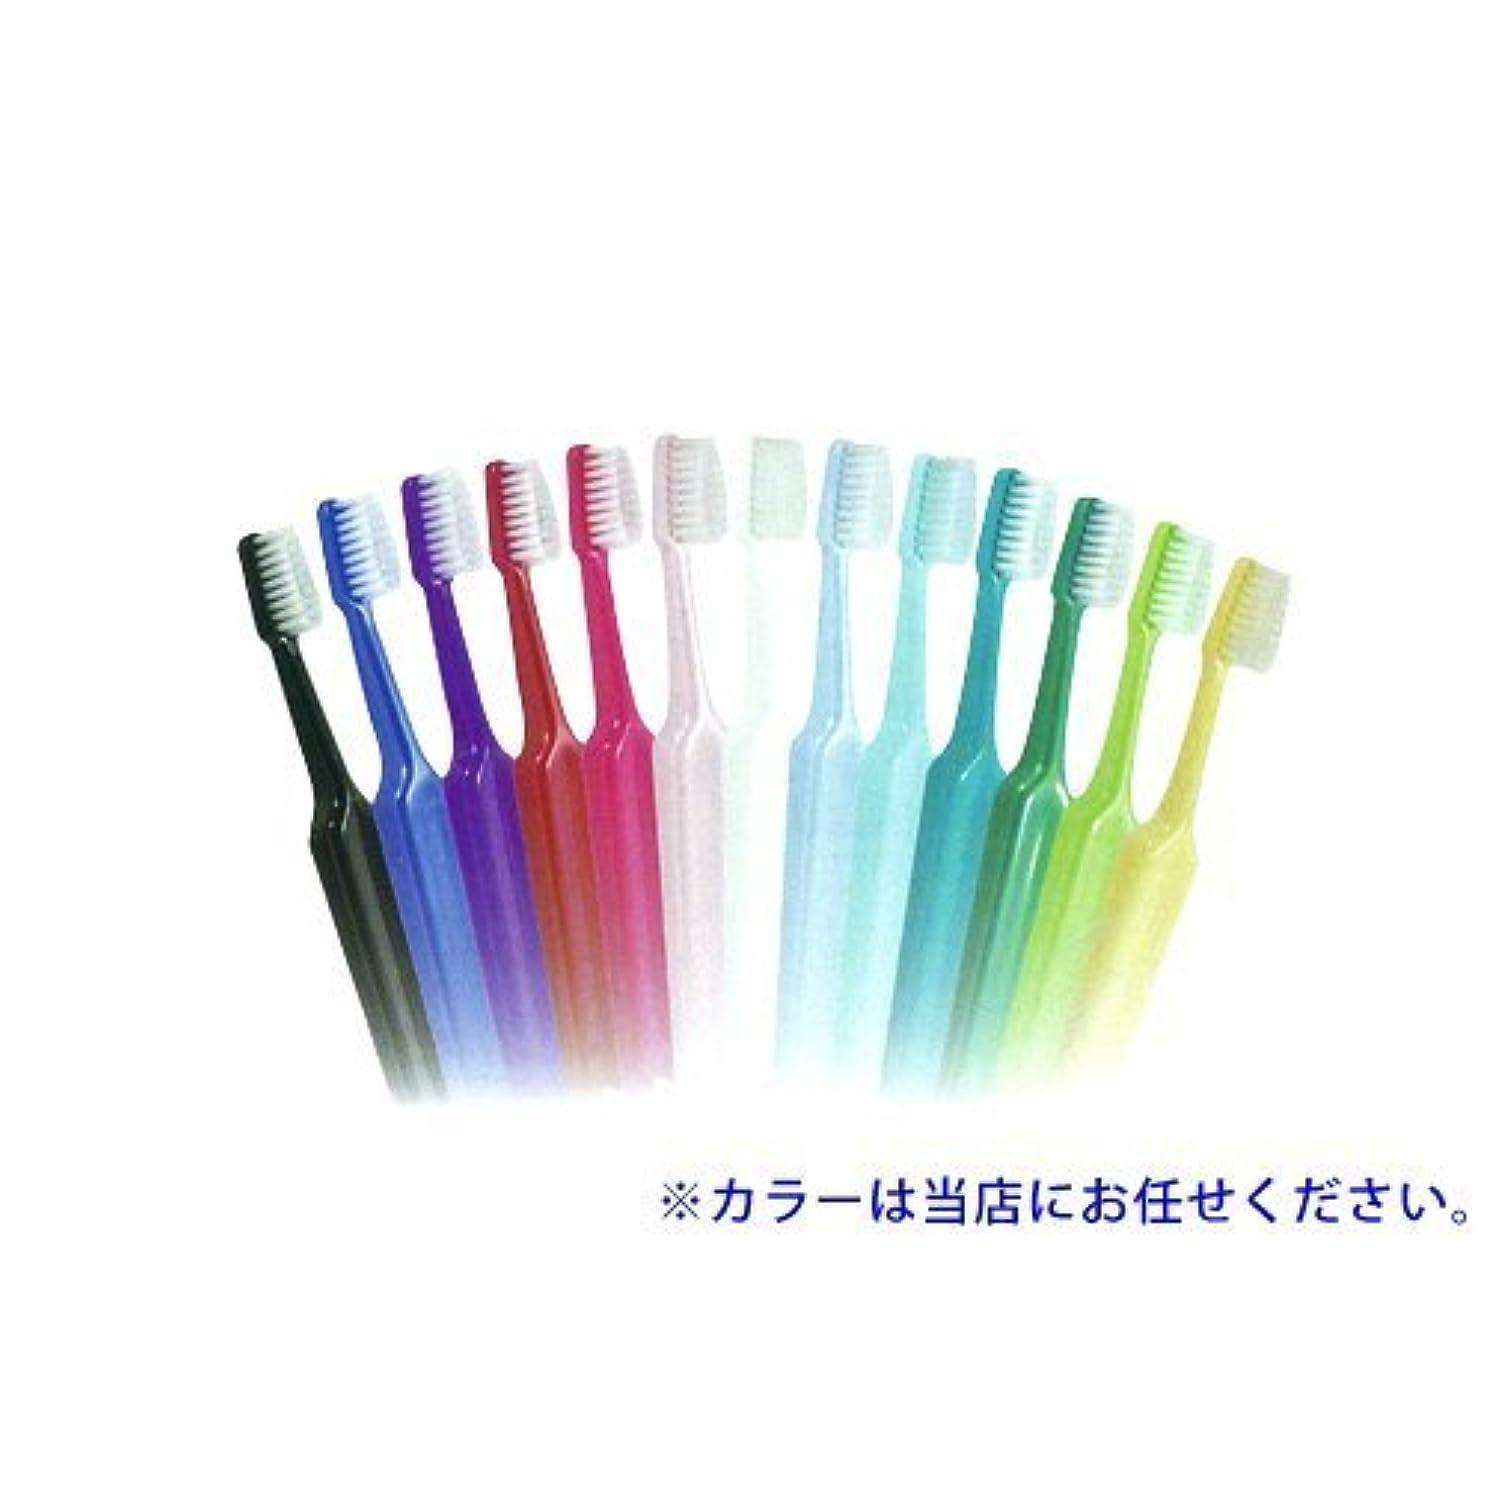 人類拡大するモルヒネTepe歯ブラシ セレクトミニ/エクストラソフト 25本/箱